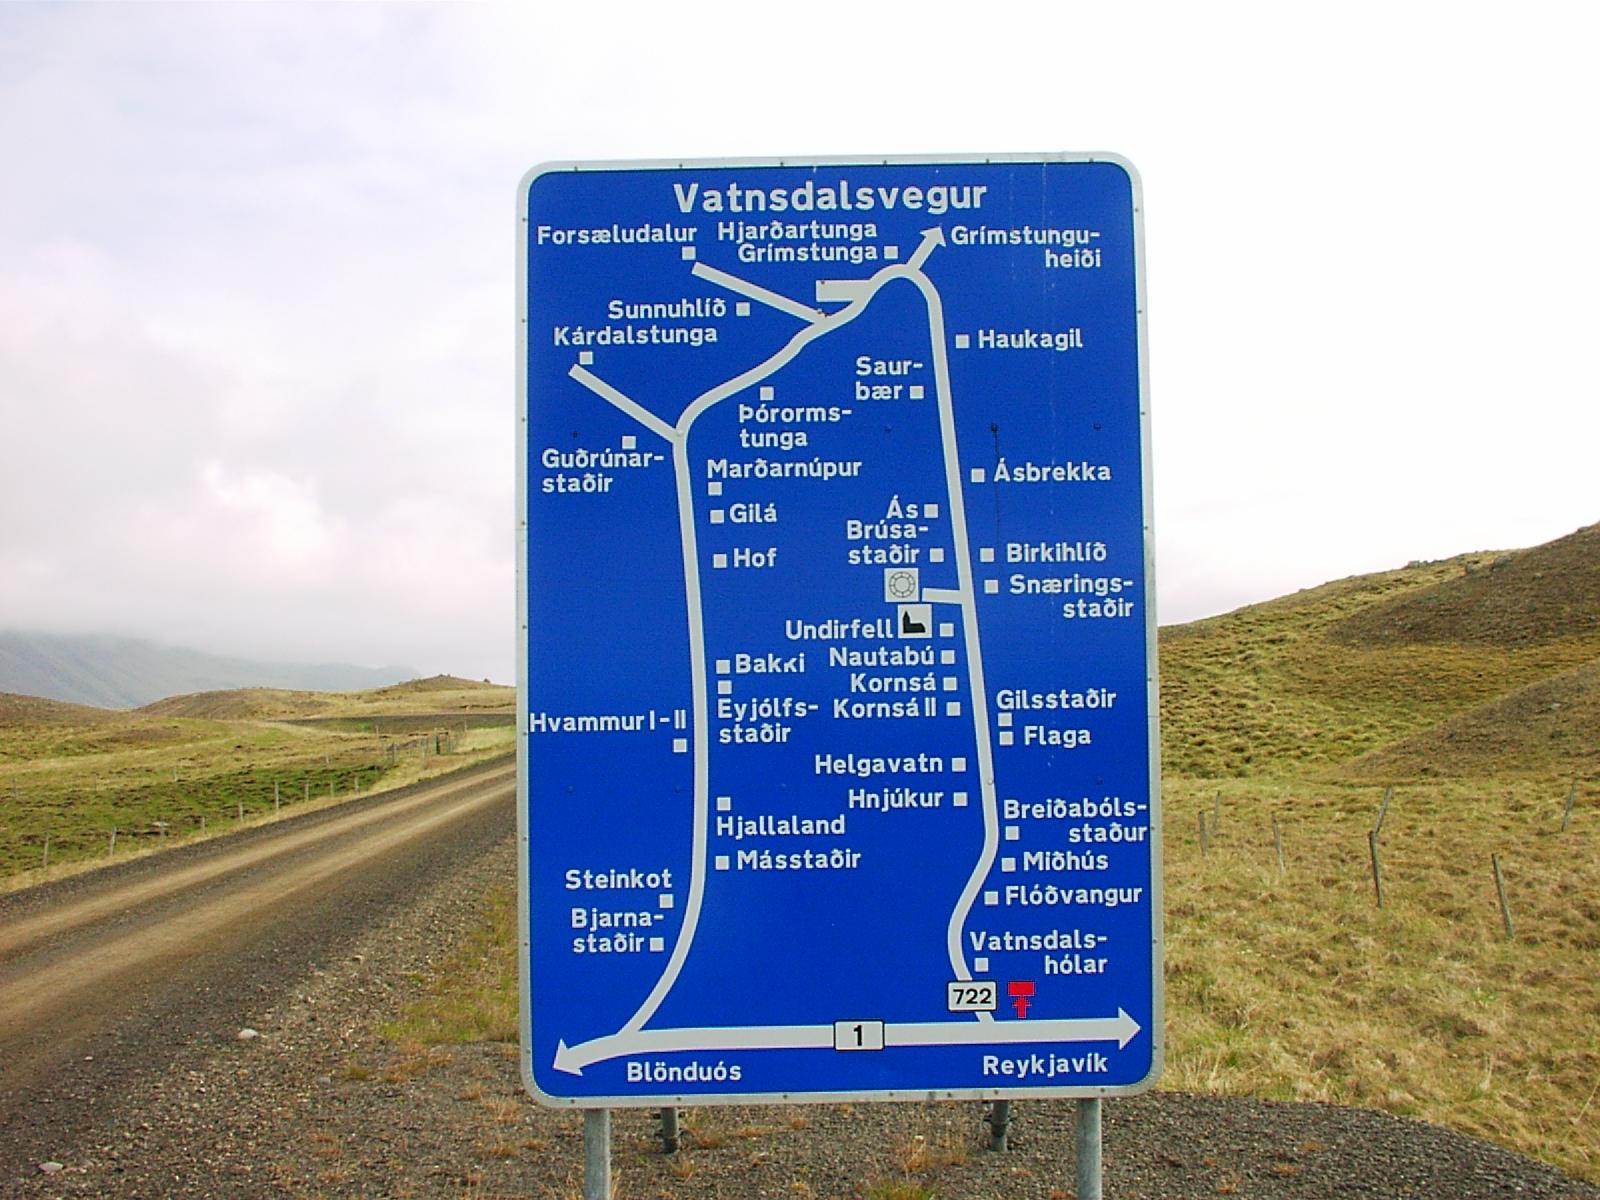 Typisches isländisches Verkehrsschild, das den Weg zu den jeweiligen Bauernhöfen weist